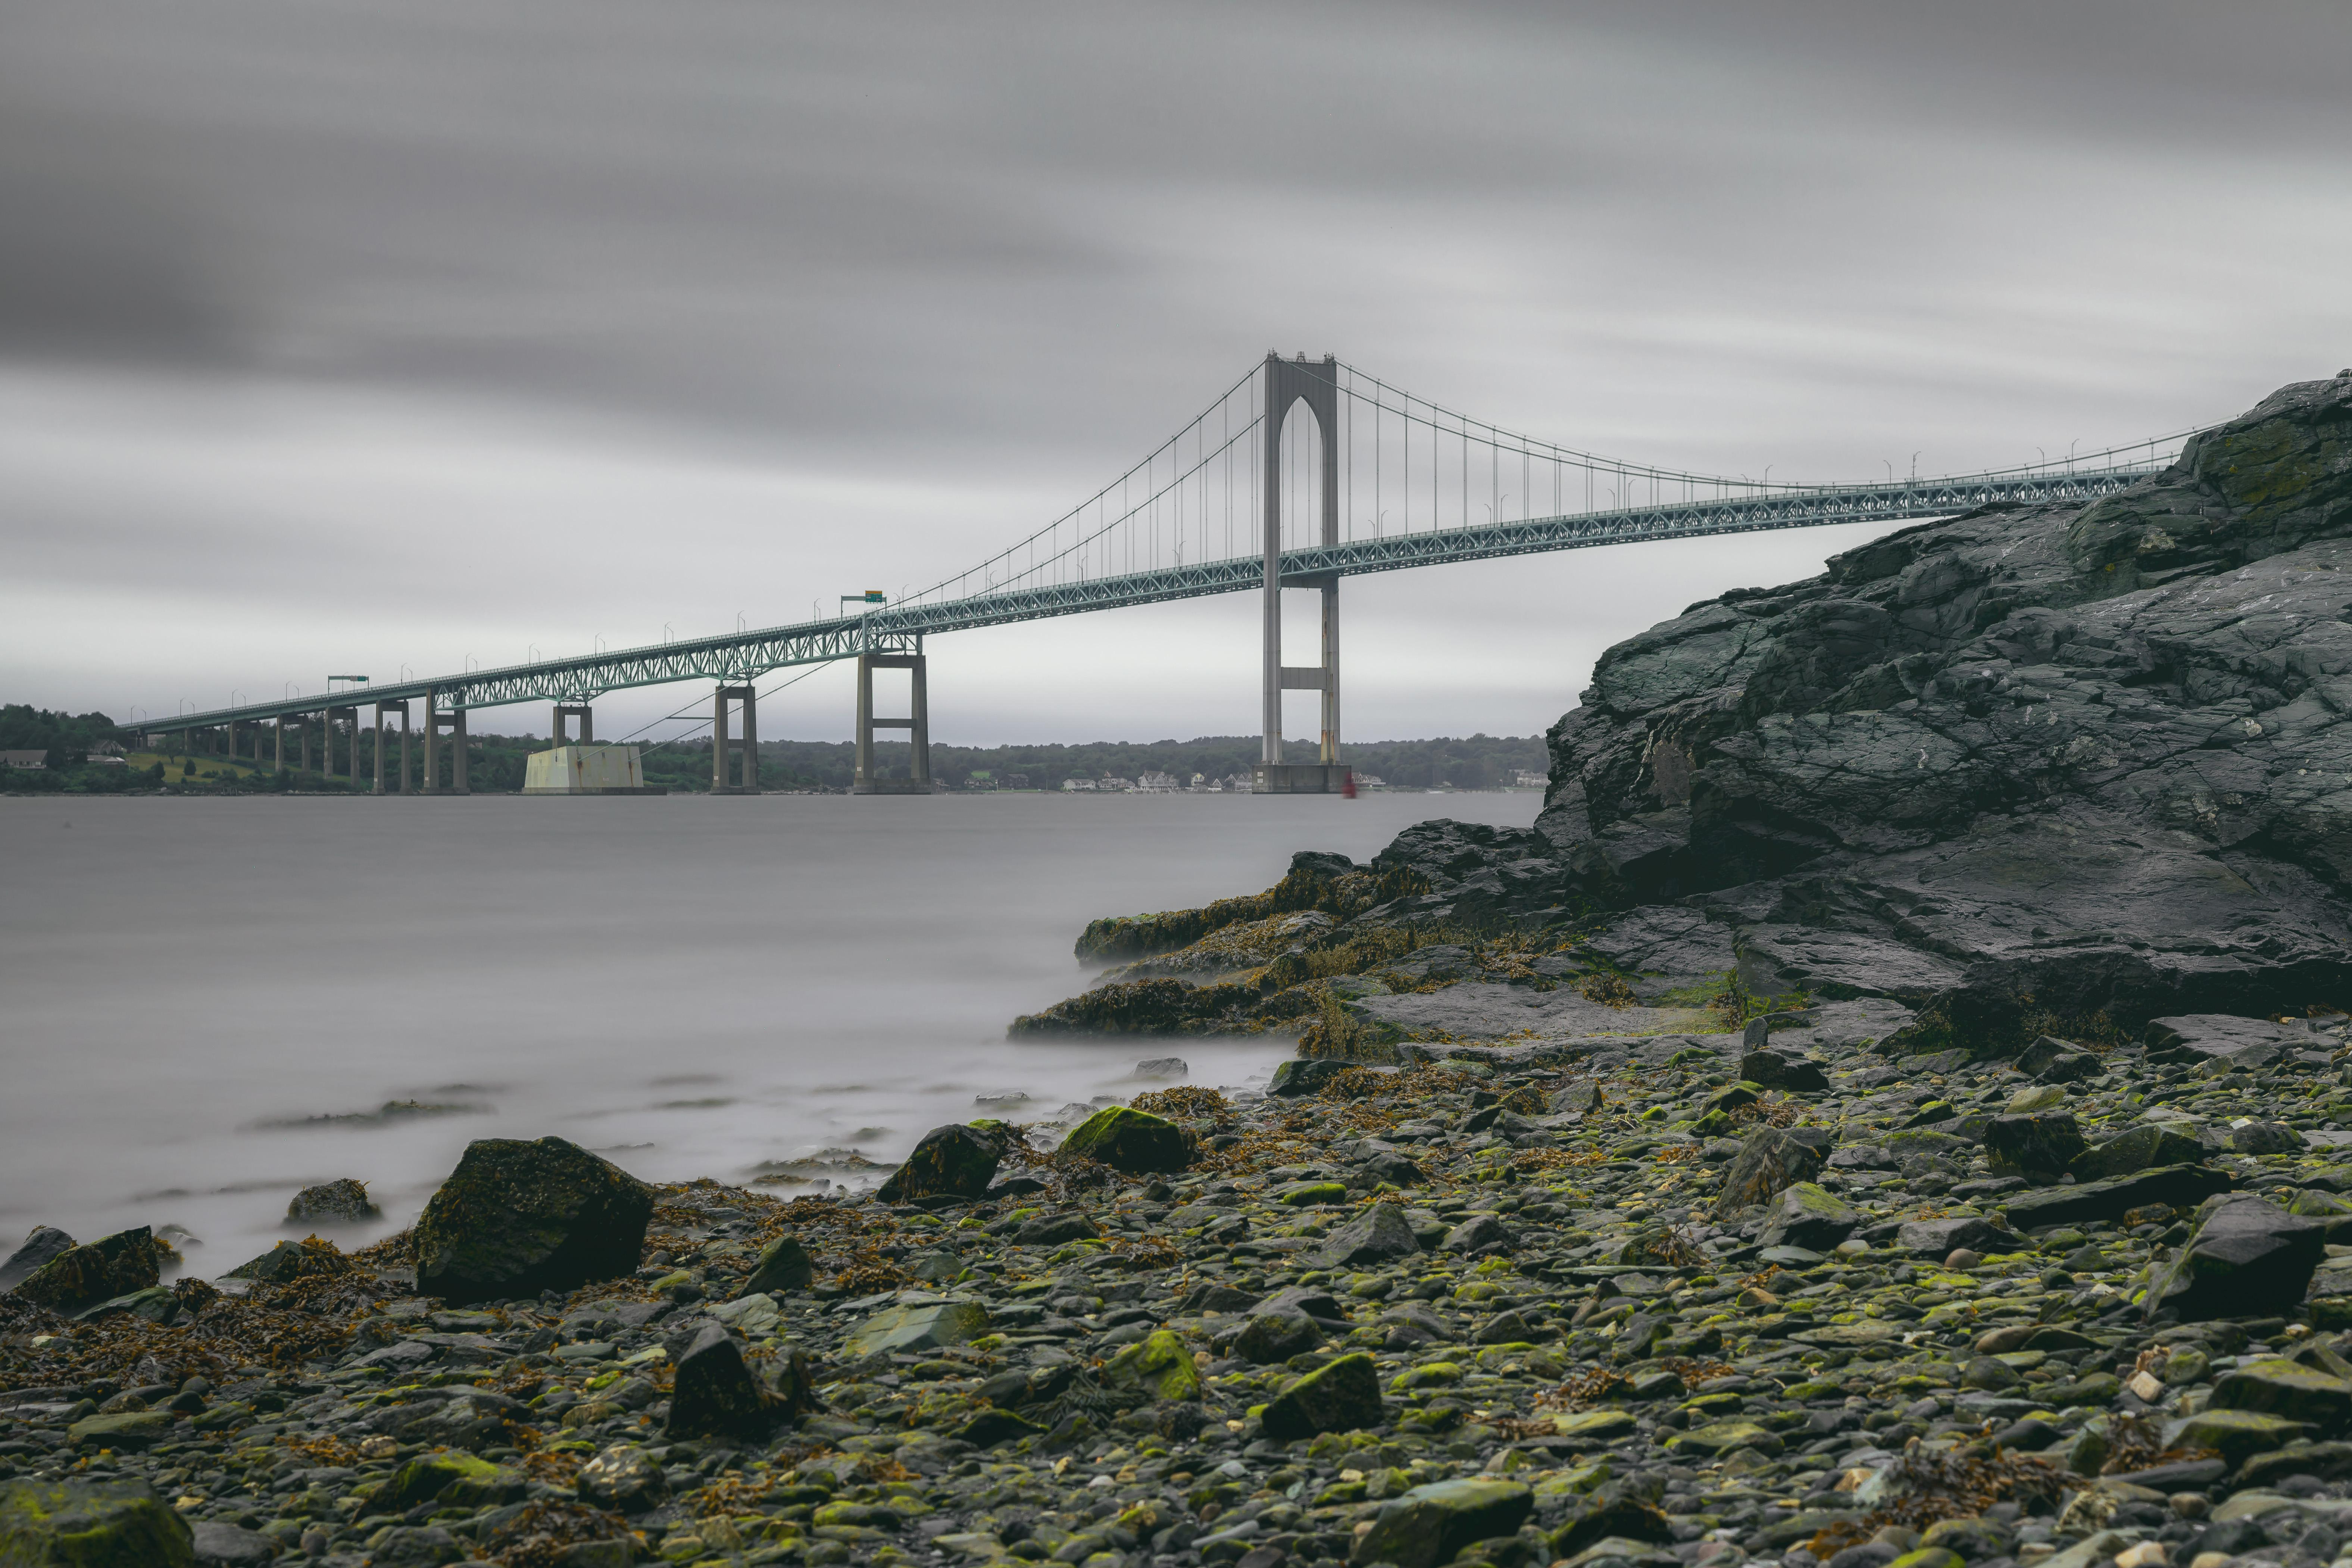 Bridge View 2 A